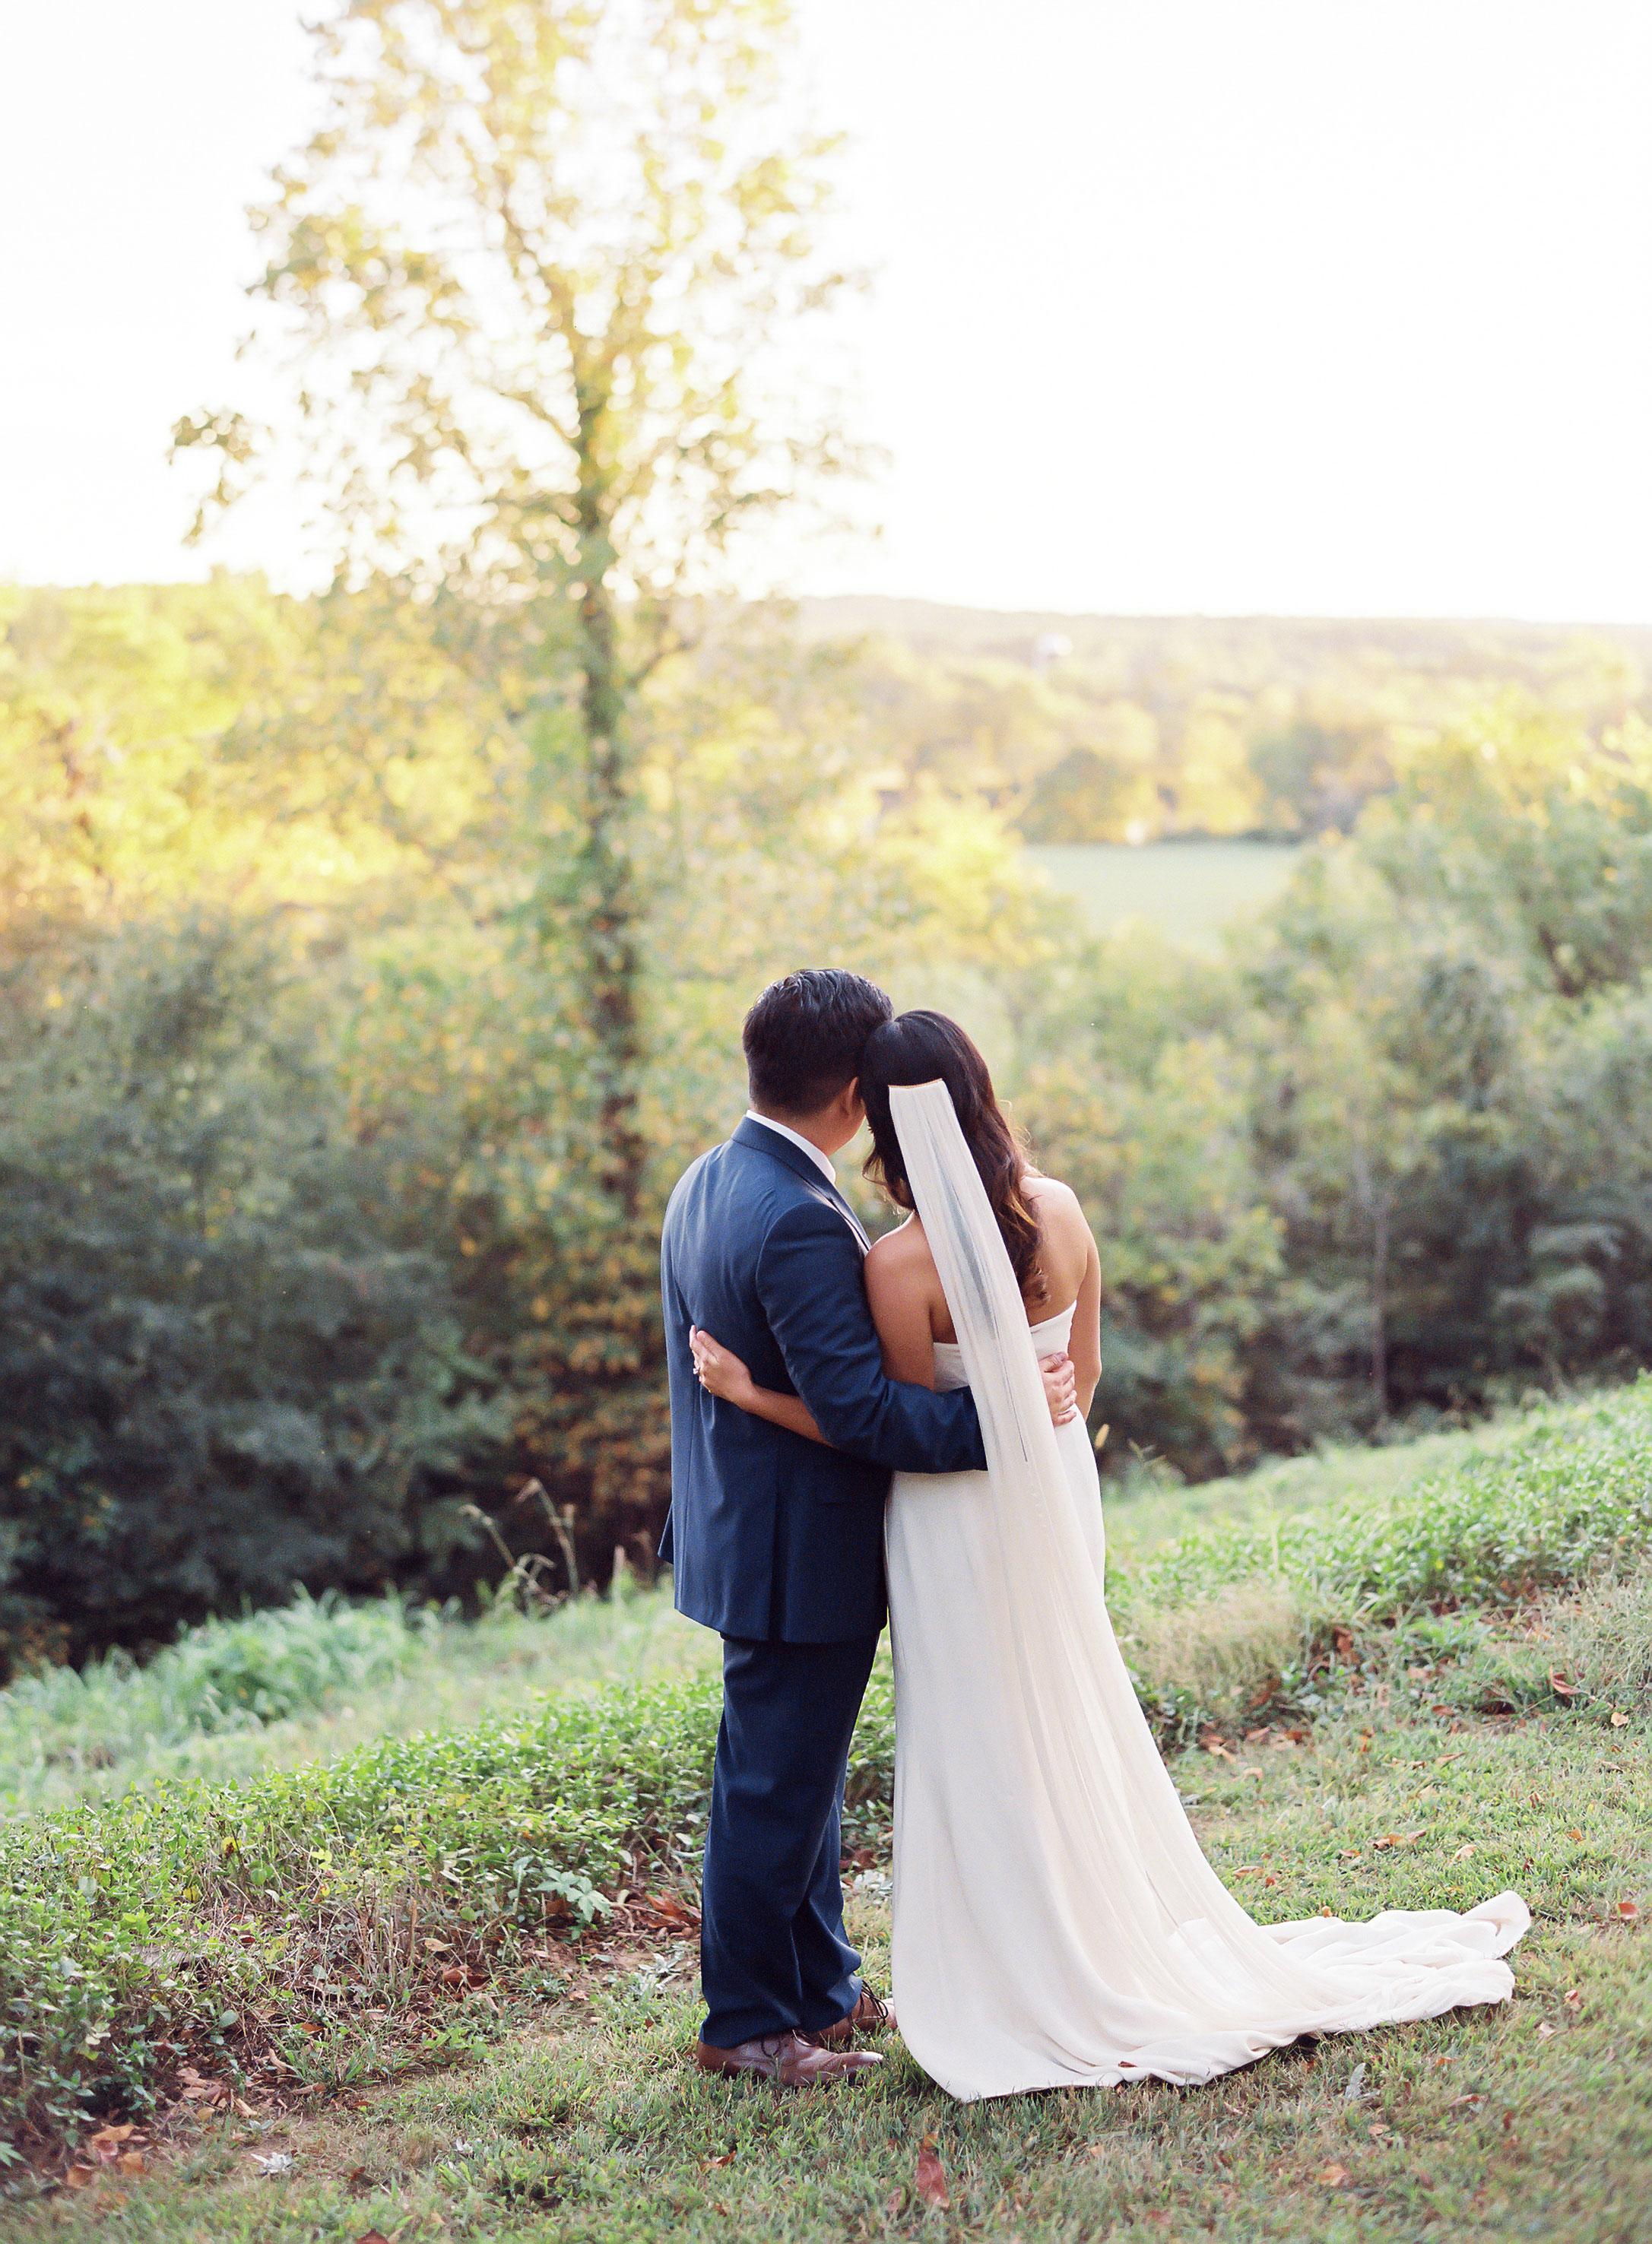 linda robert wedding couple embrace